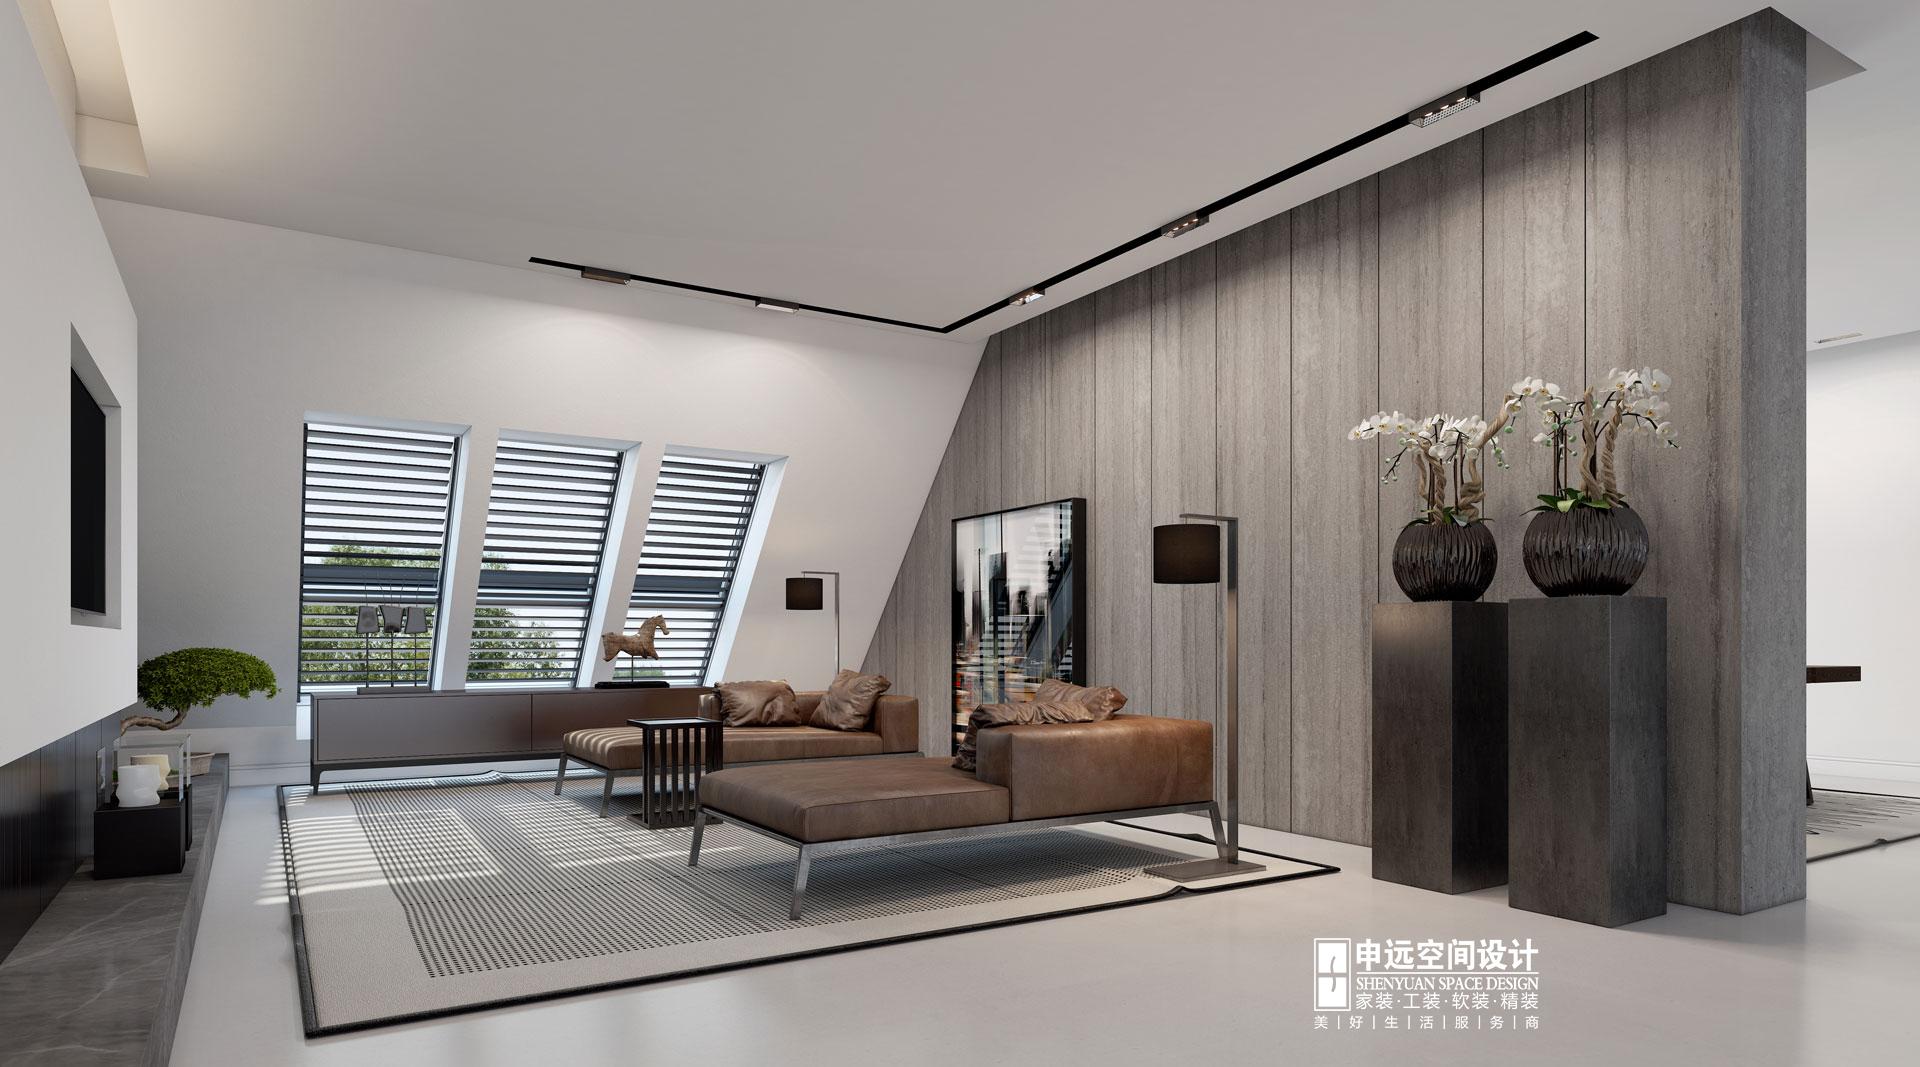 简约 别墅 北京申远 别墅装修 其他图片来自申远空间设计北京分公司在北京申远空间设计-现代风格的分享